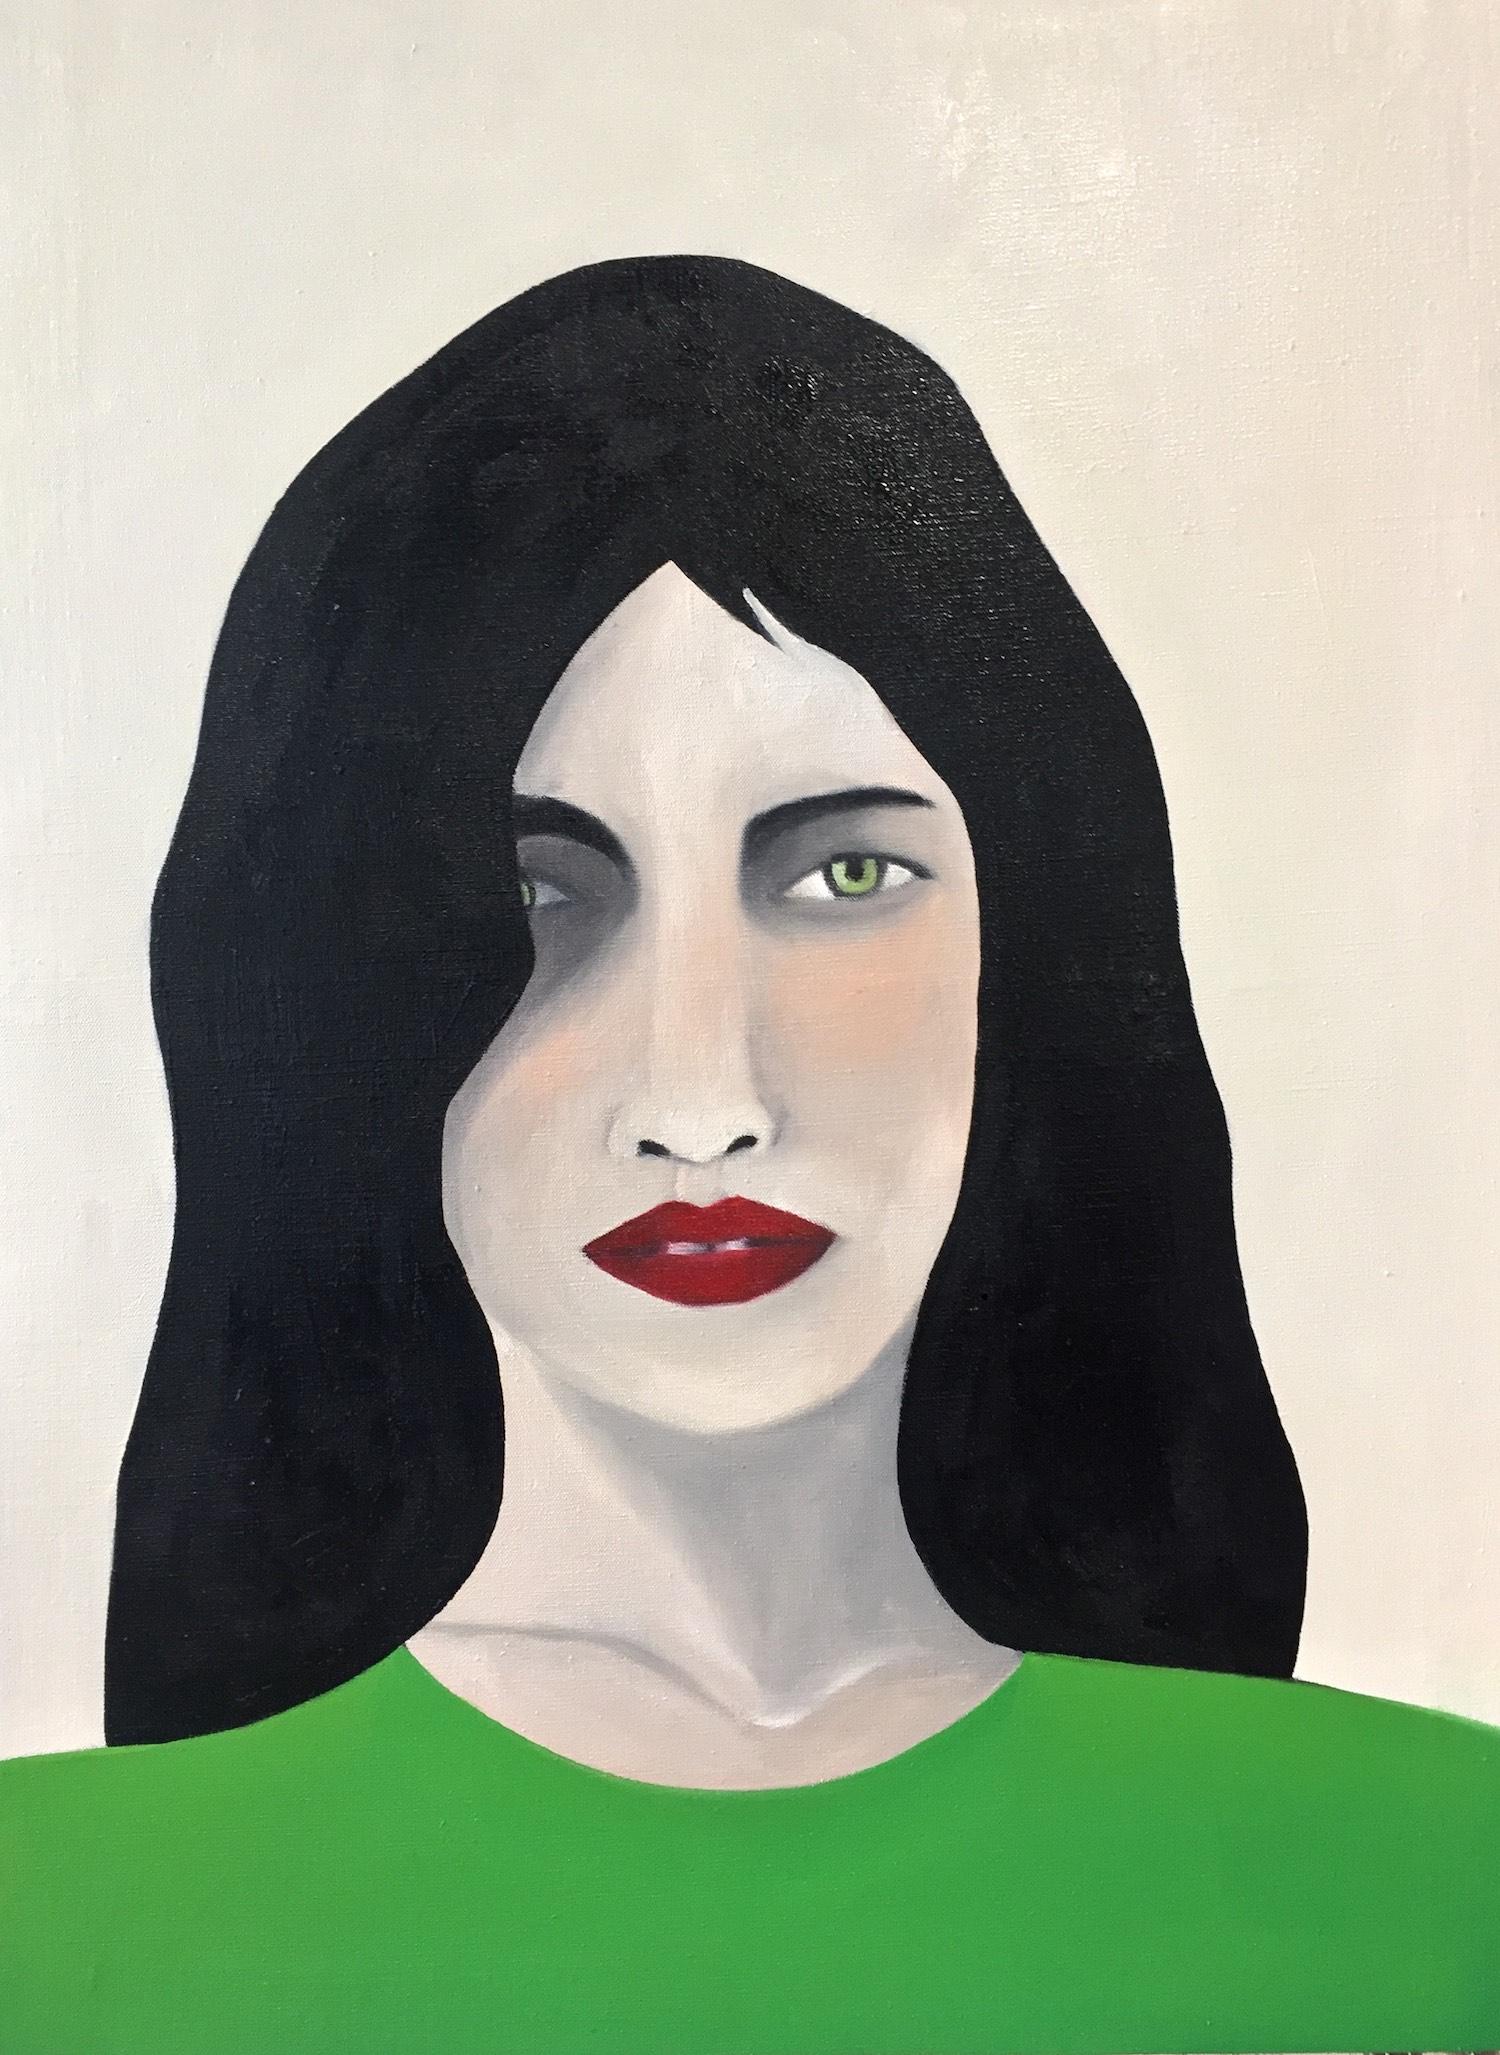 Rebecca Brodskis femme brune lèvres rouges haut vert